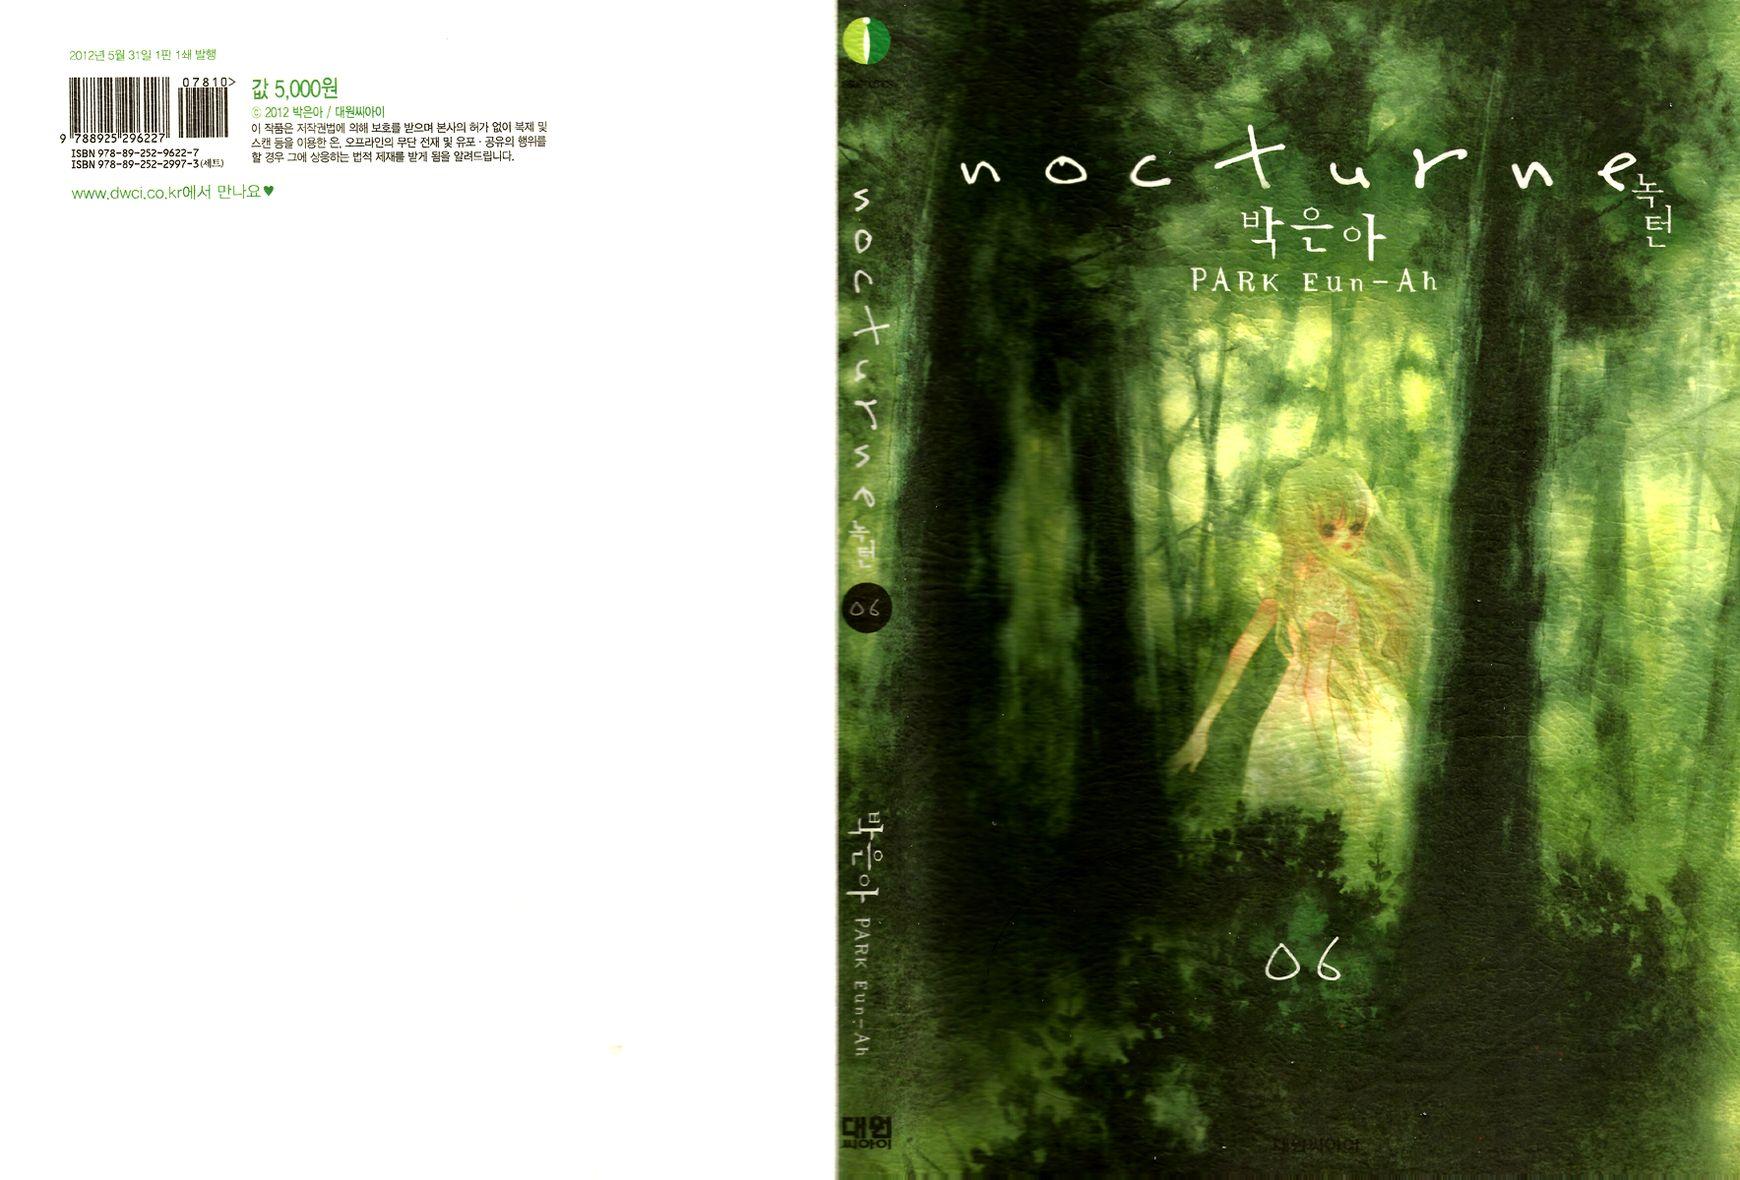 Nocturne (PARK Eun-Ah) 31.2 Page 2